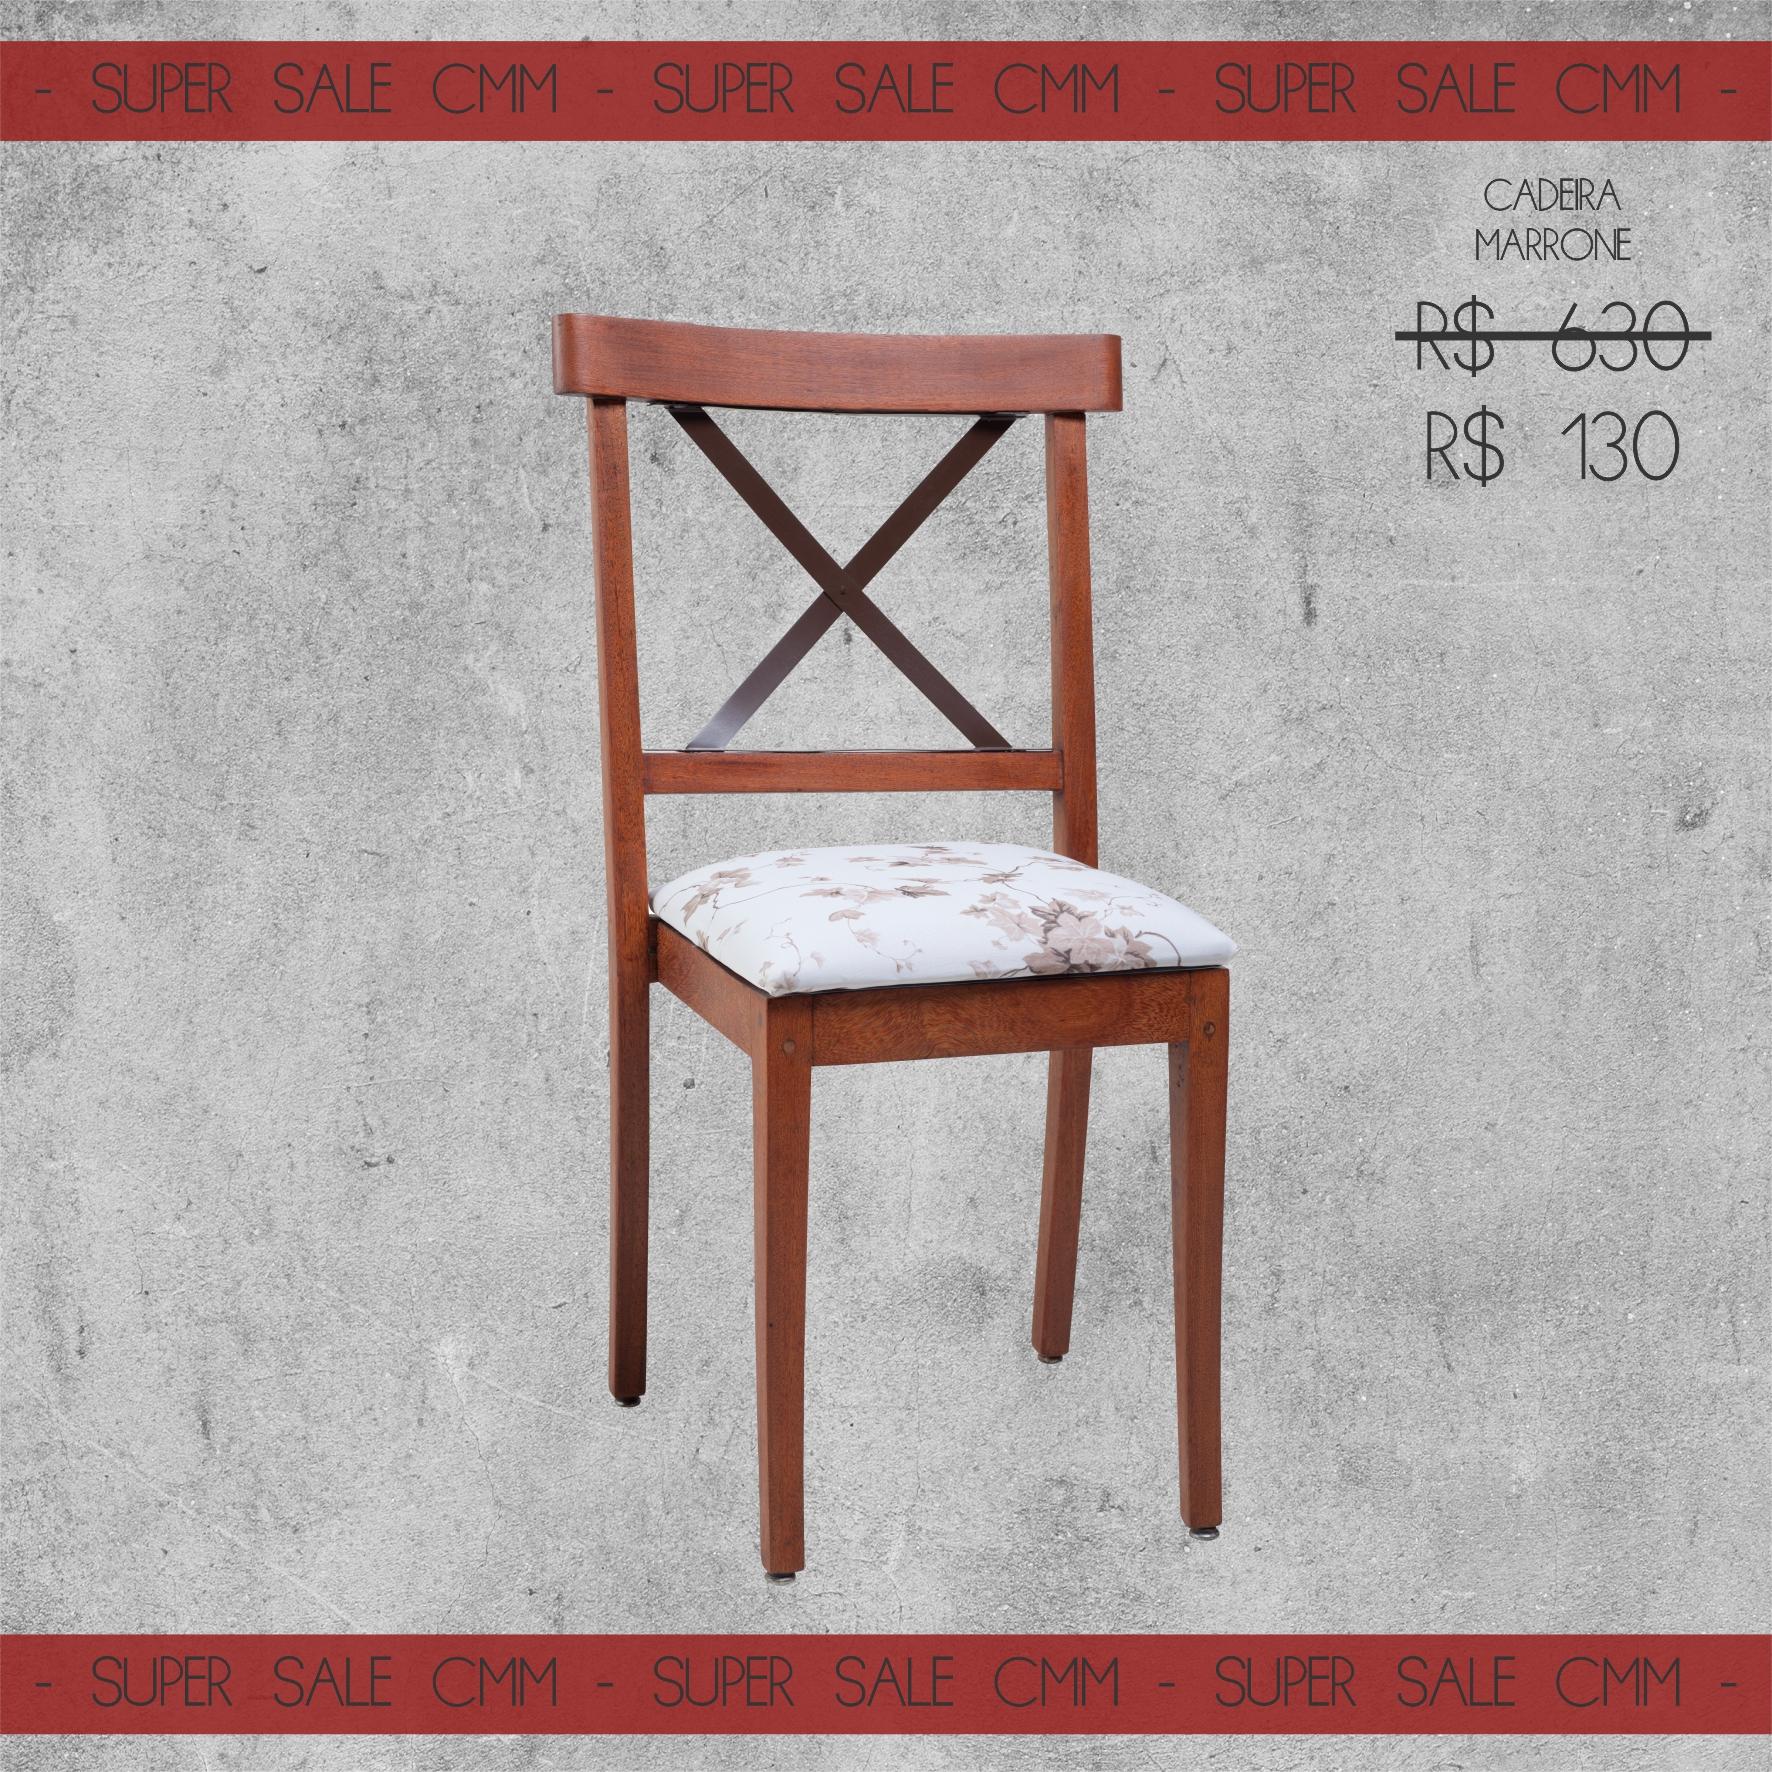 Super Sale Cadeira Marrone